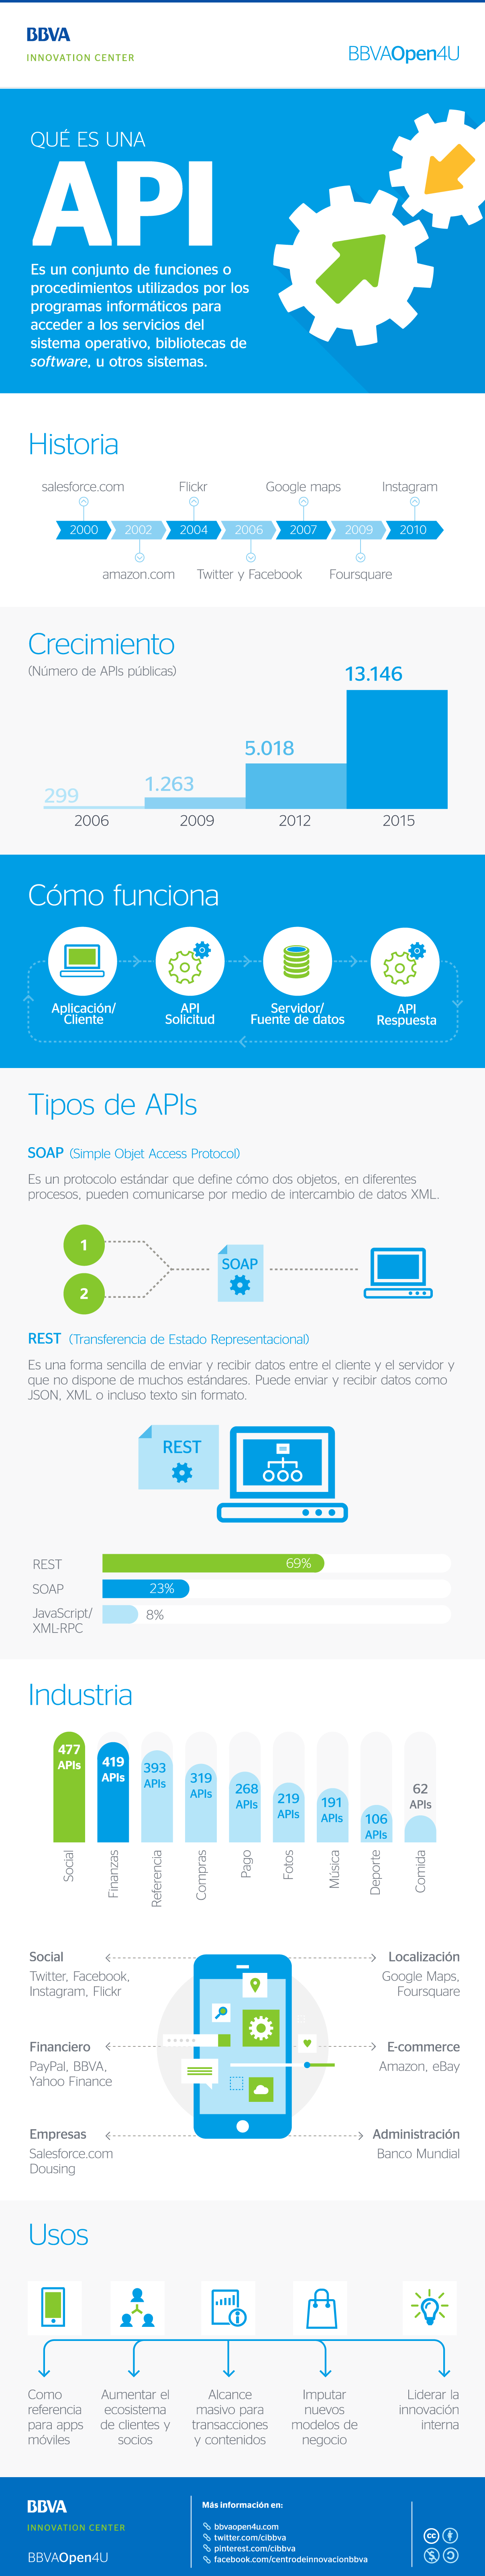 Qué es una API #infografia #infographic #software